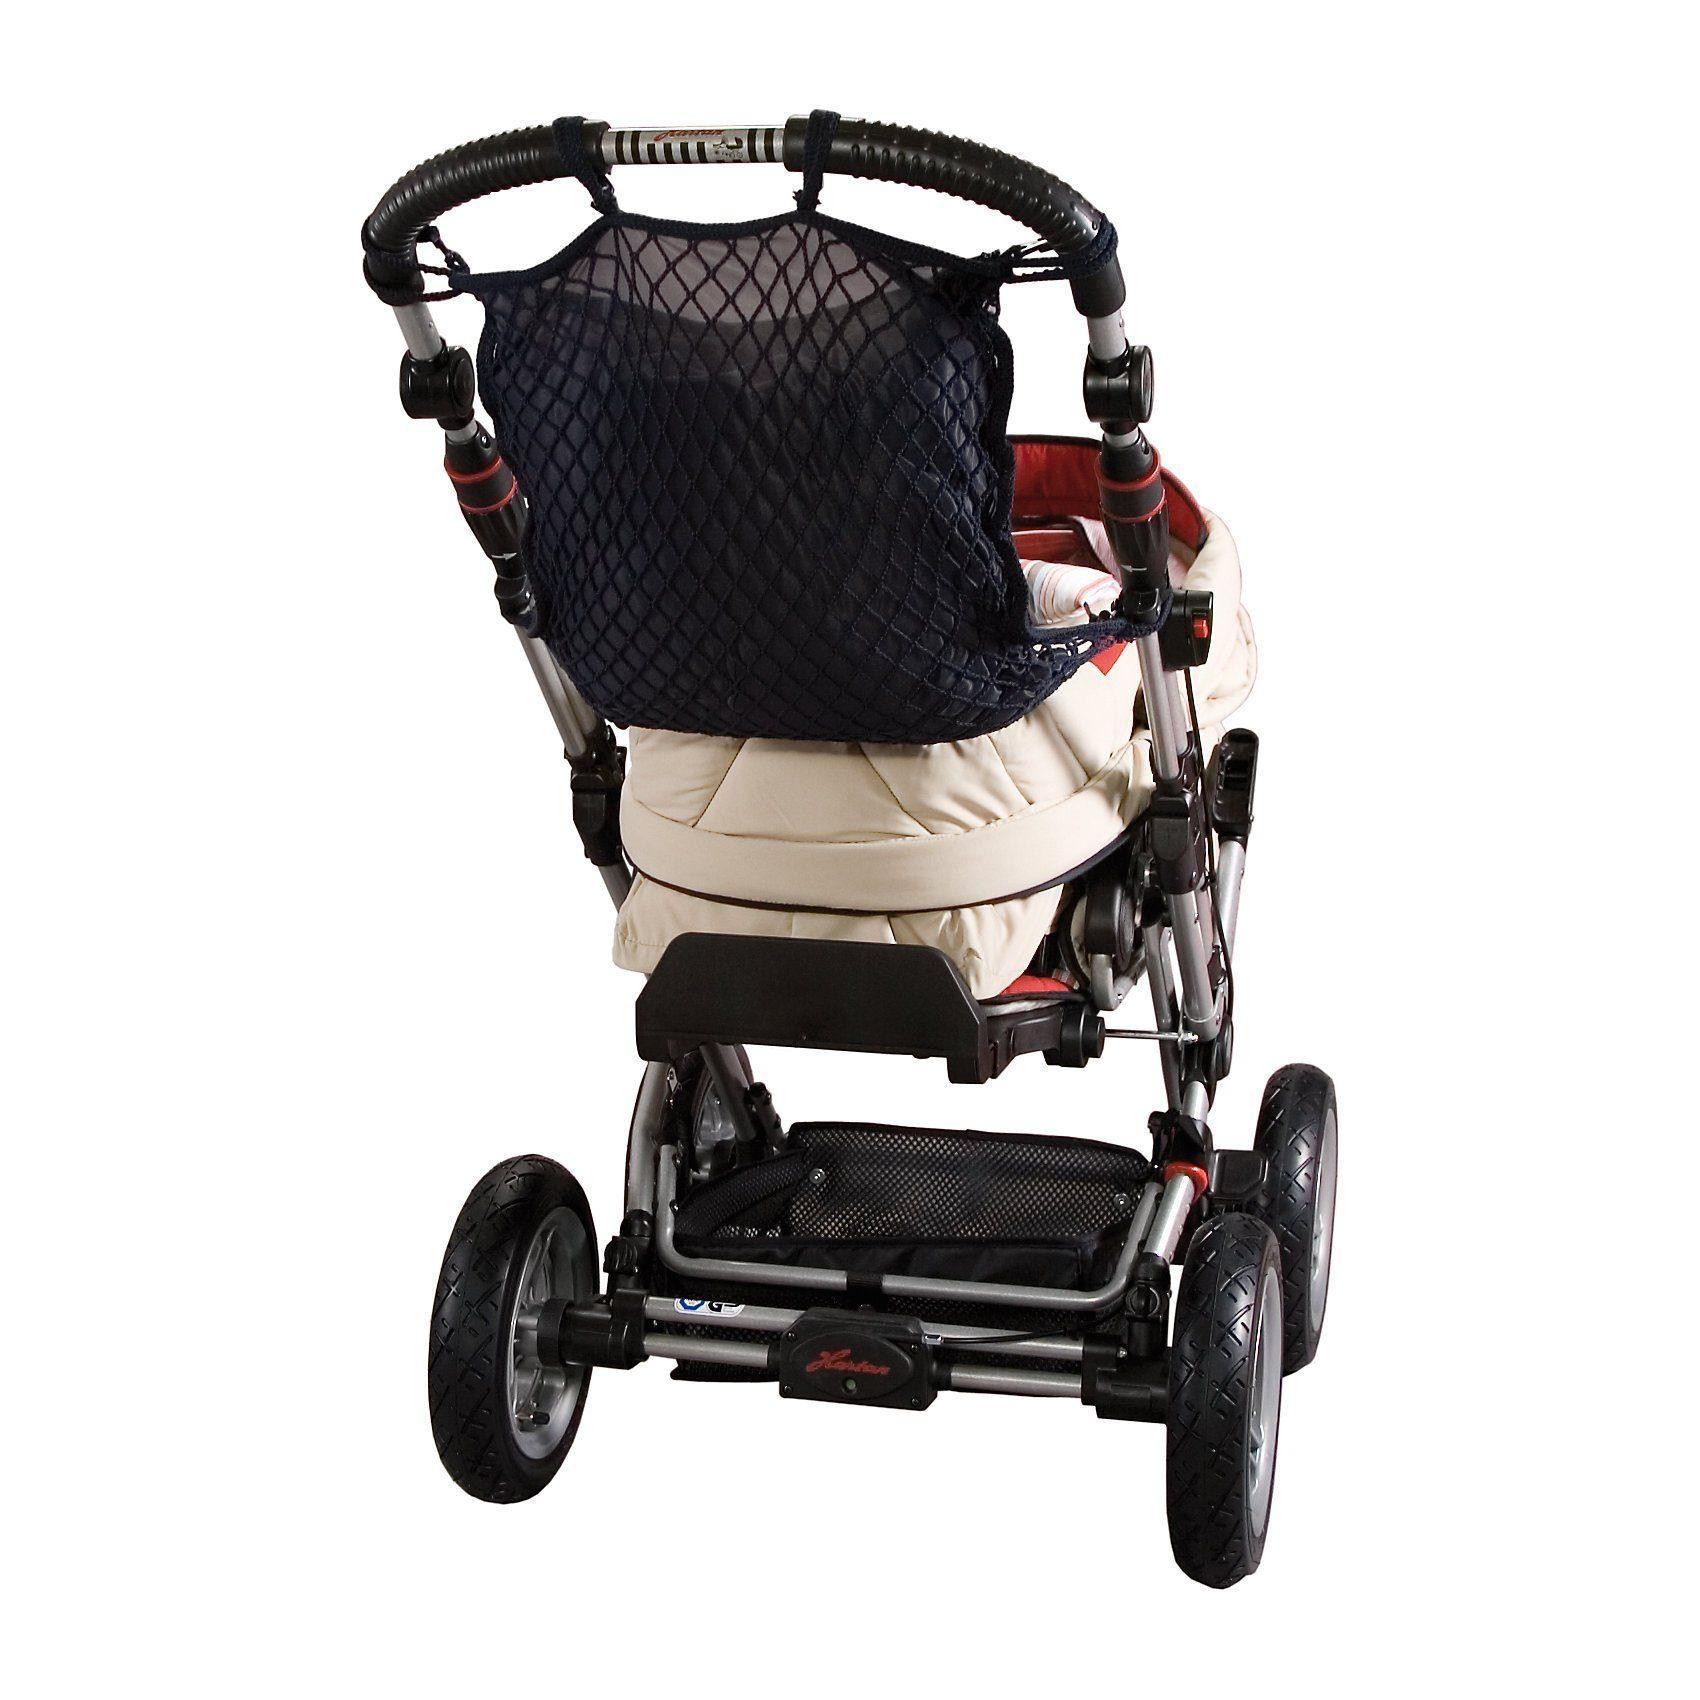 sunnybaby Universalnetz für Kinderwagen, mit Sichtschutz und Anker, ma